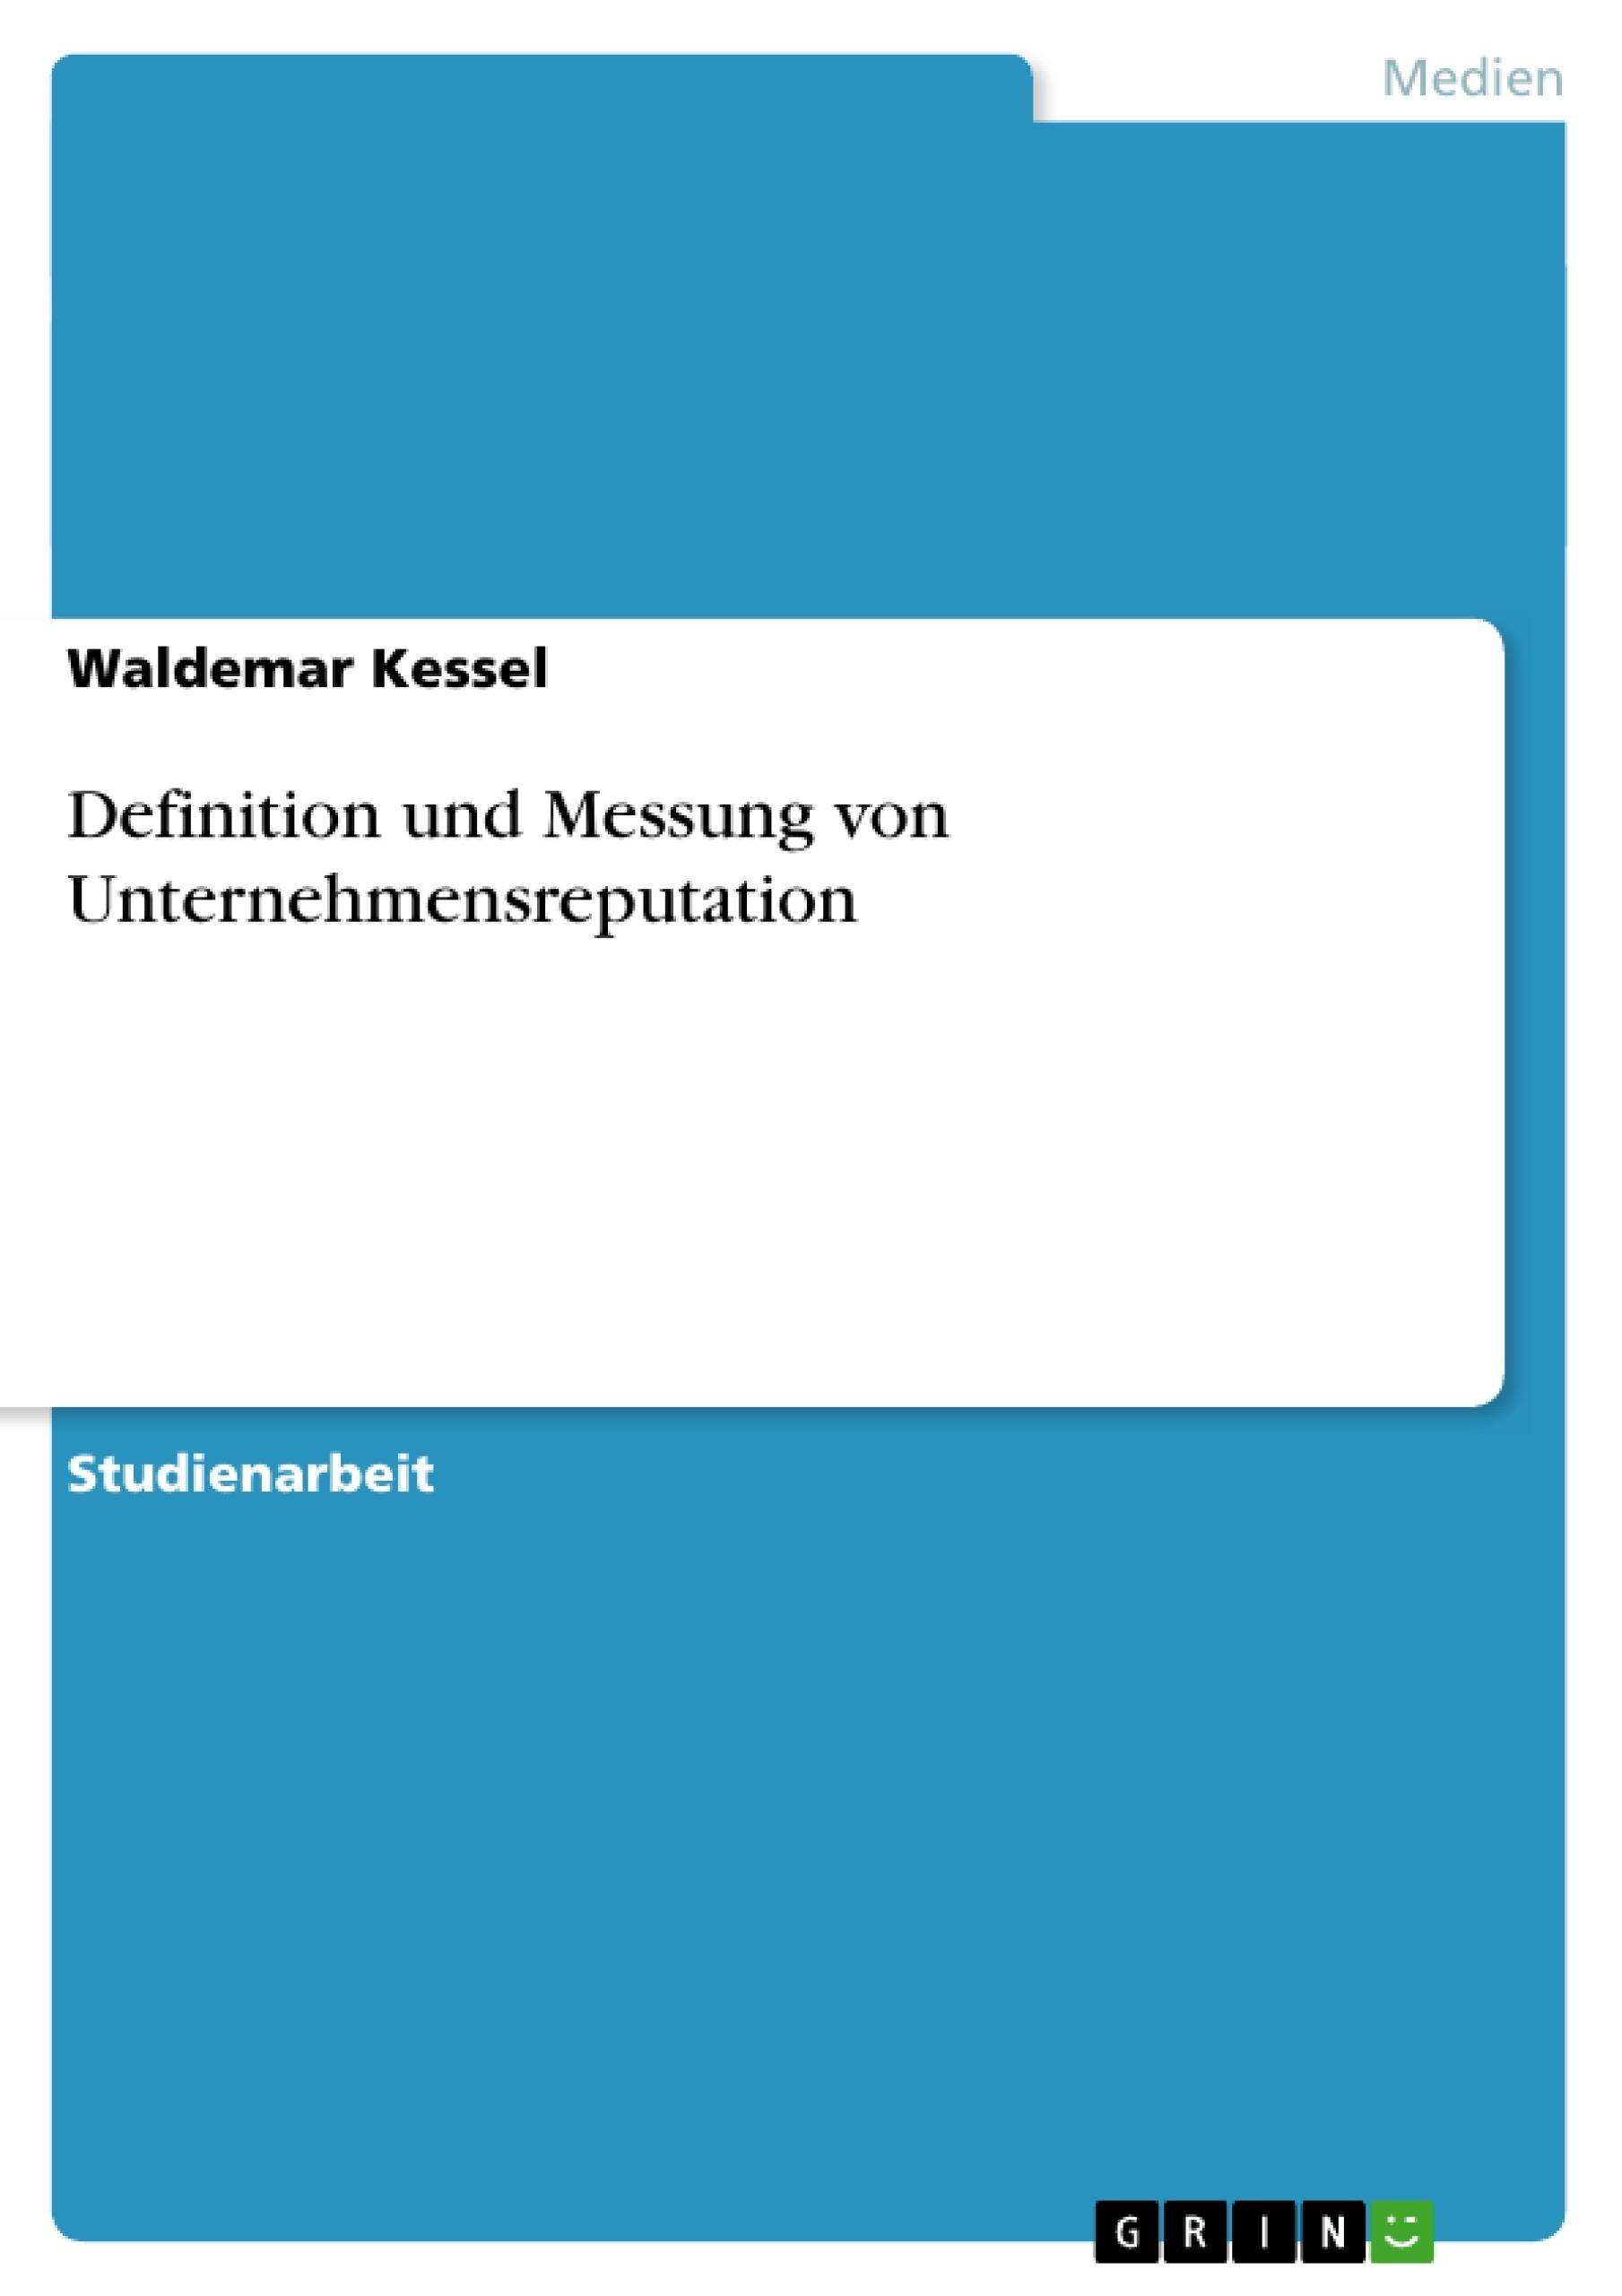 Definition und Messung von Unternehmensreputation   Masterarbeit ...